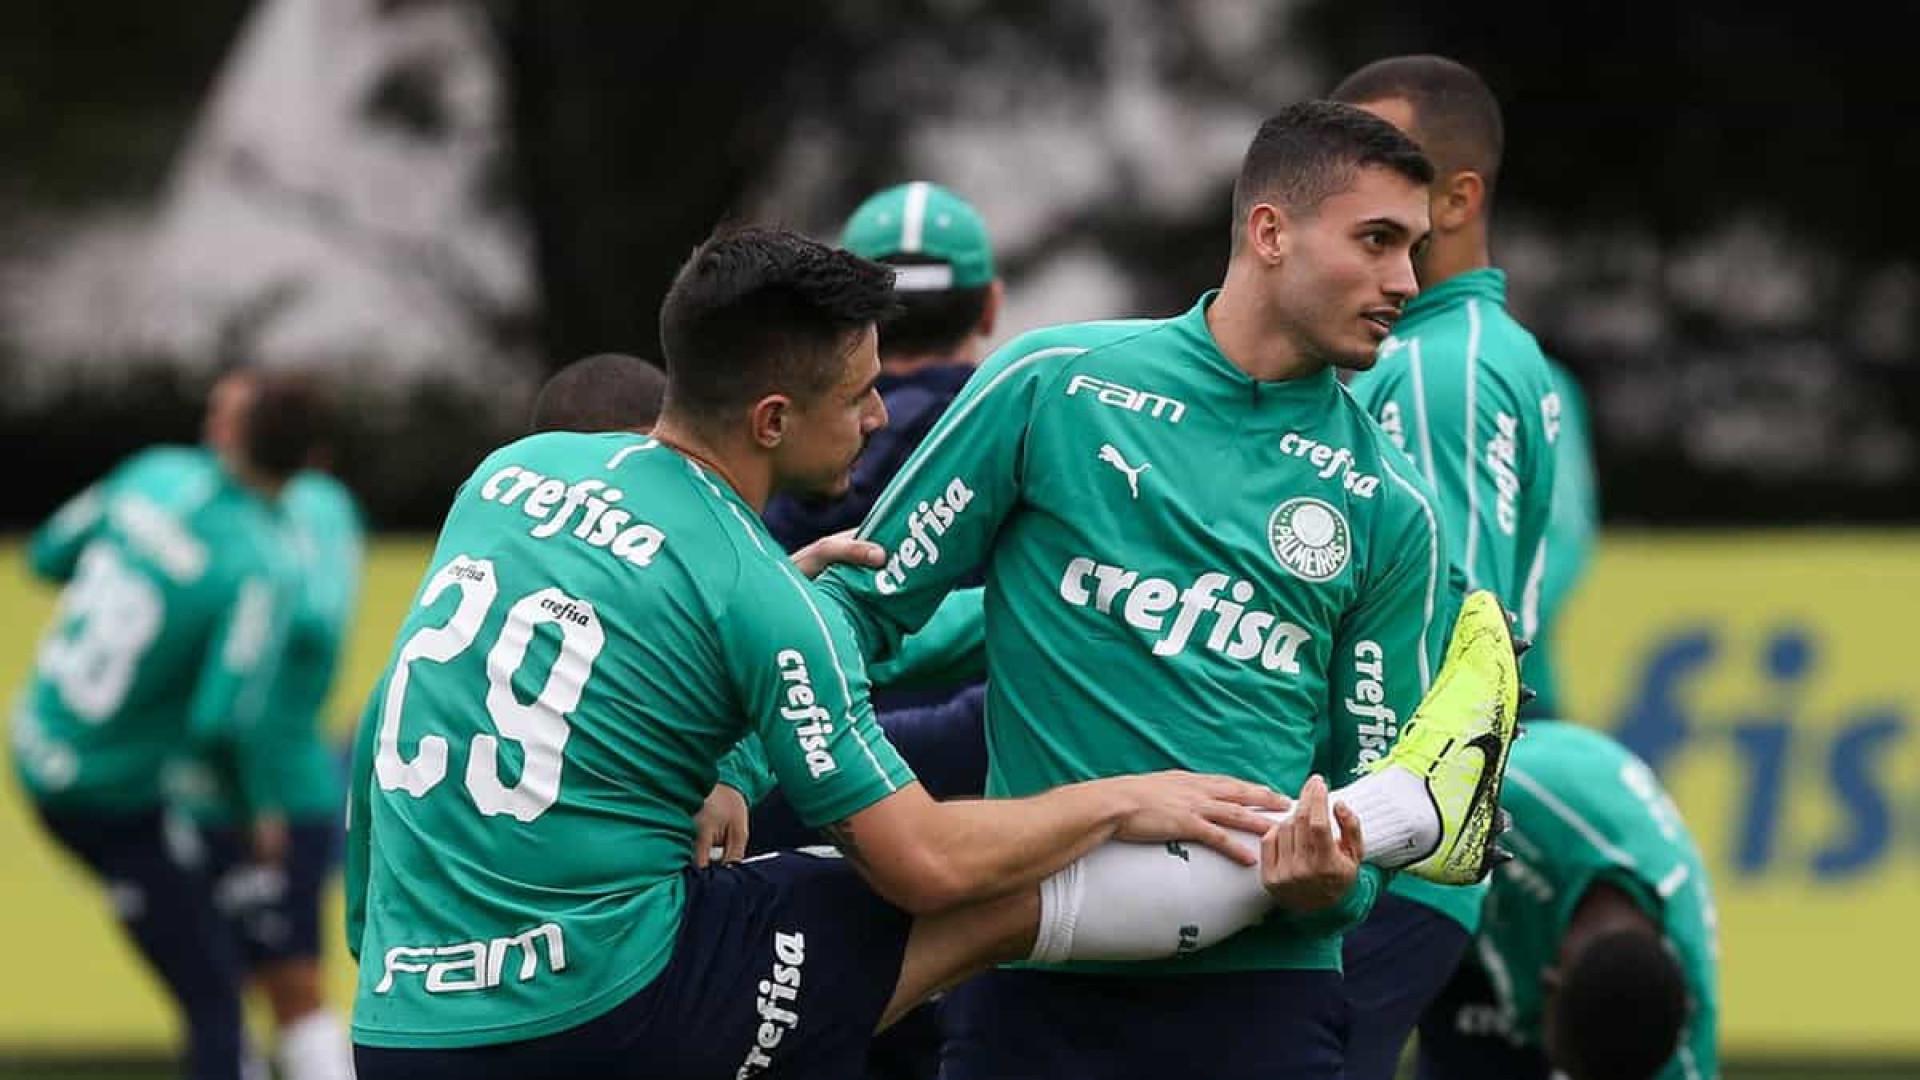 Luan tem lesão confirmada na coxa e vai desfalcar o Palmeiras